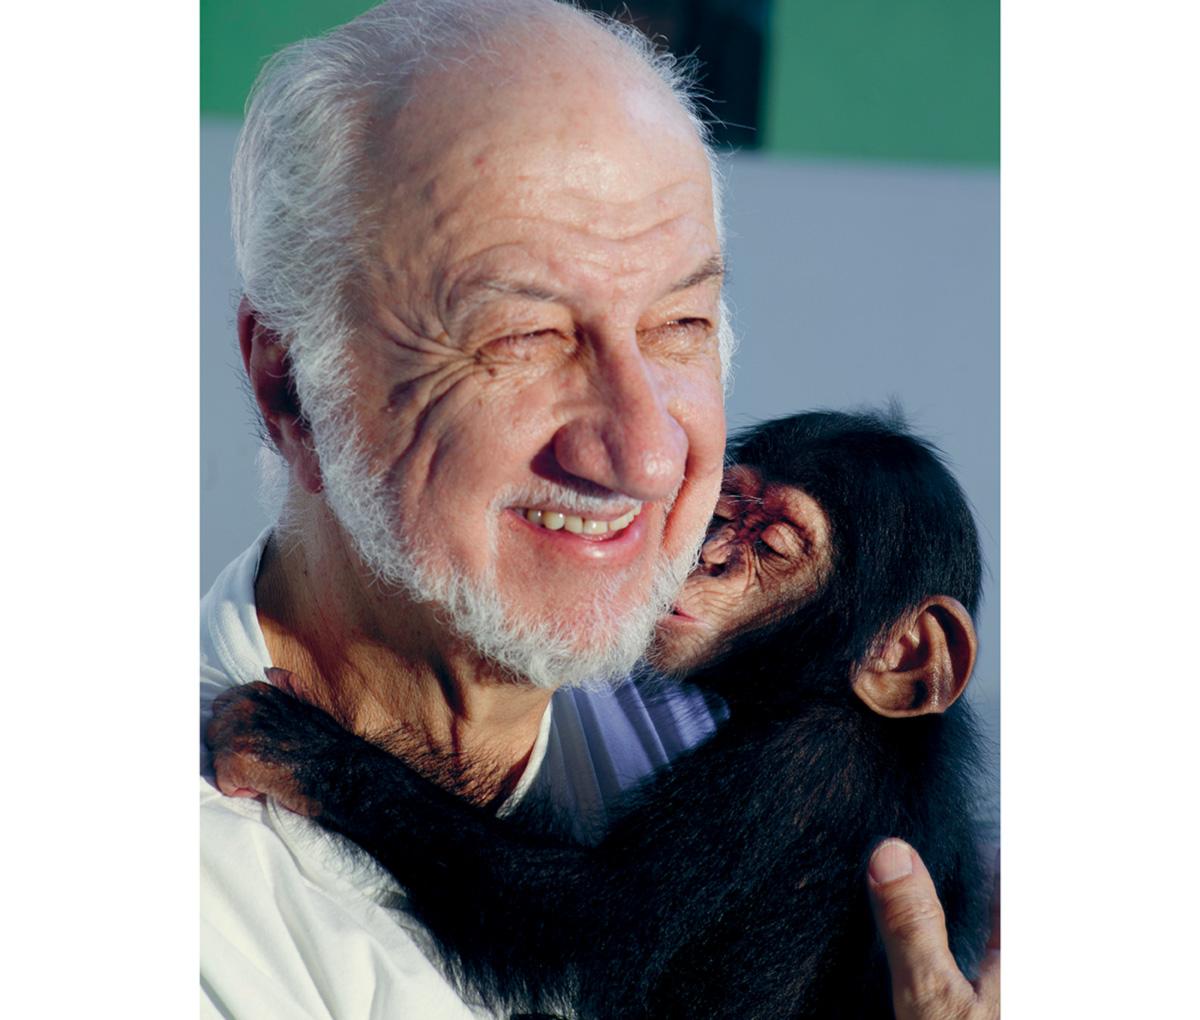 O cubano radicado no Brasil Pedro Ynterian criou o Santuário dos Grandes Primatas, em Sorocaba, e encampou a luta contra exploradores de macacos: os circos e zoológicos